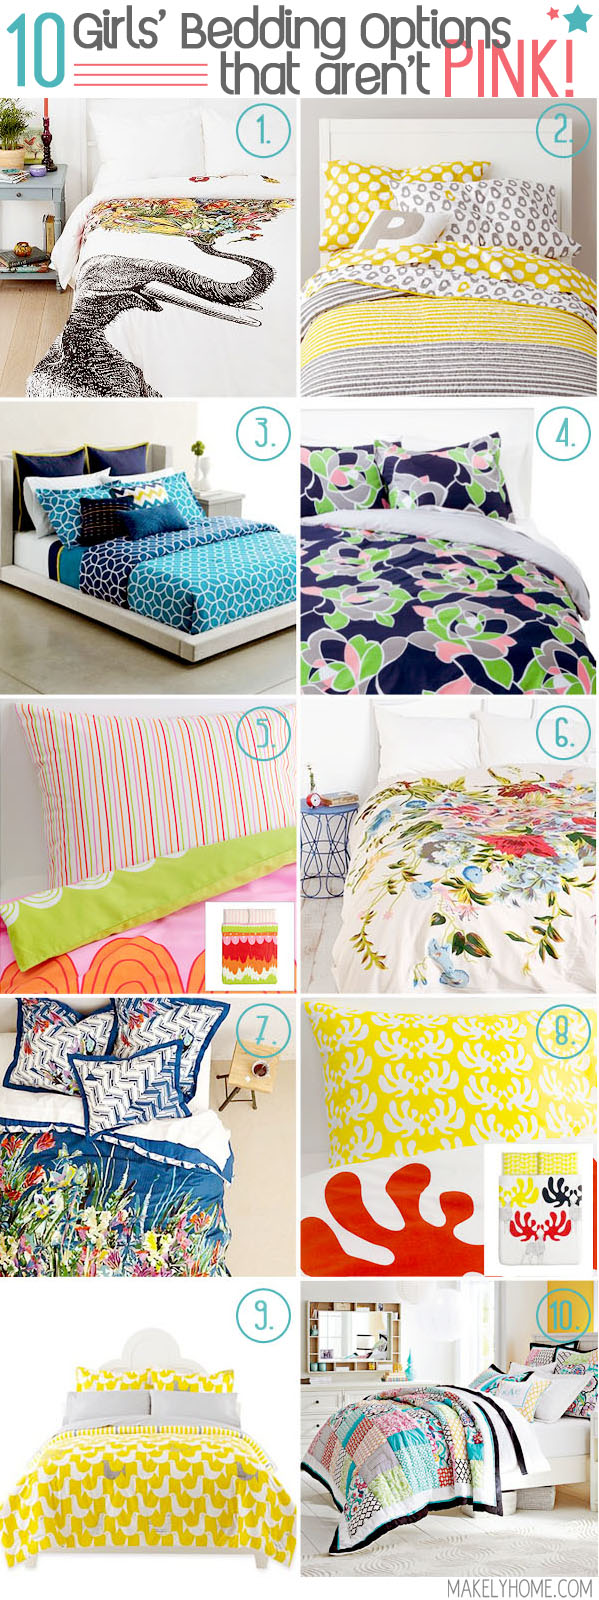 Ten Girls' Bedding Options that Aren't PINK!  via MakelyHome.com